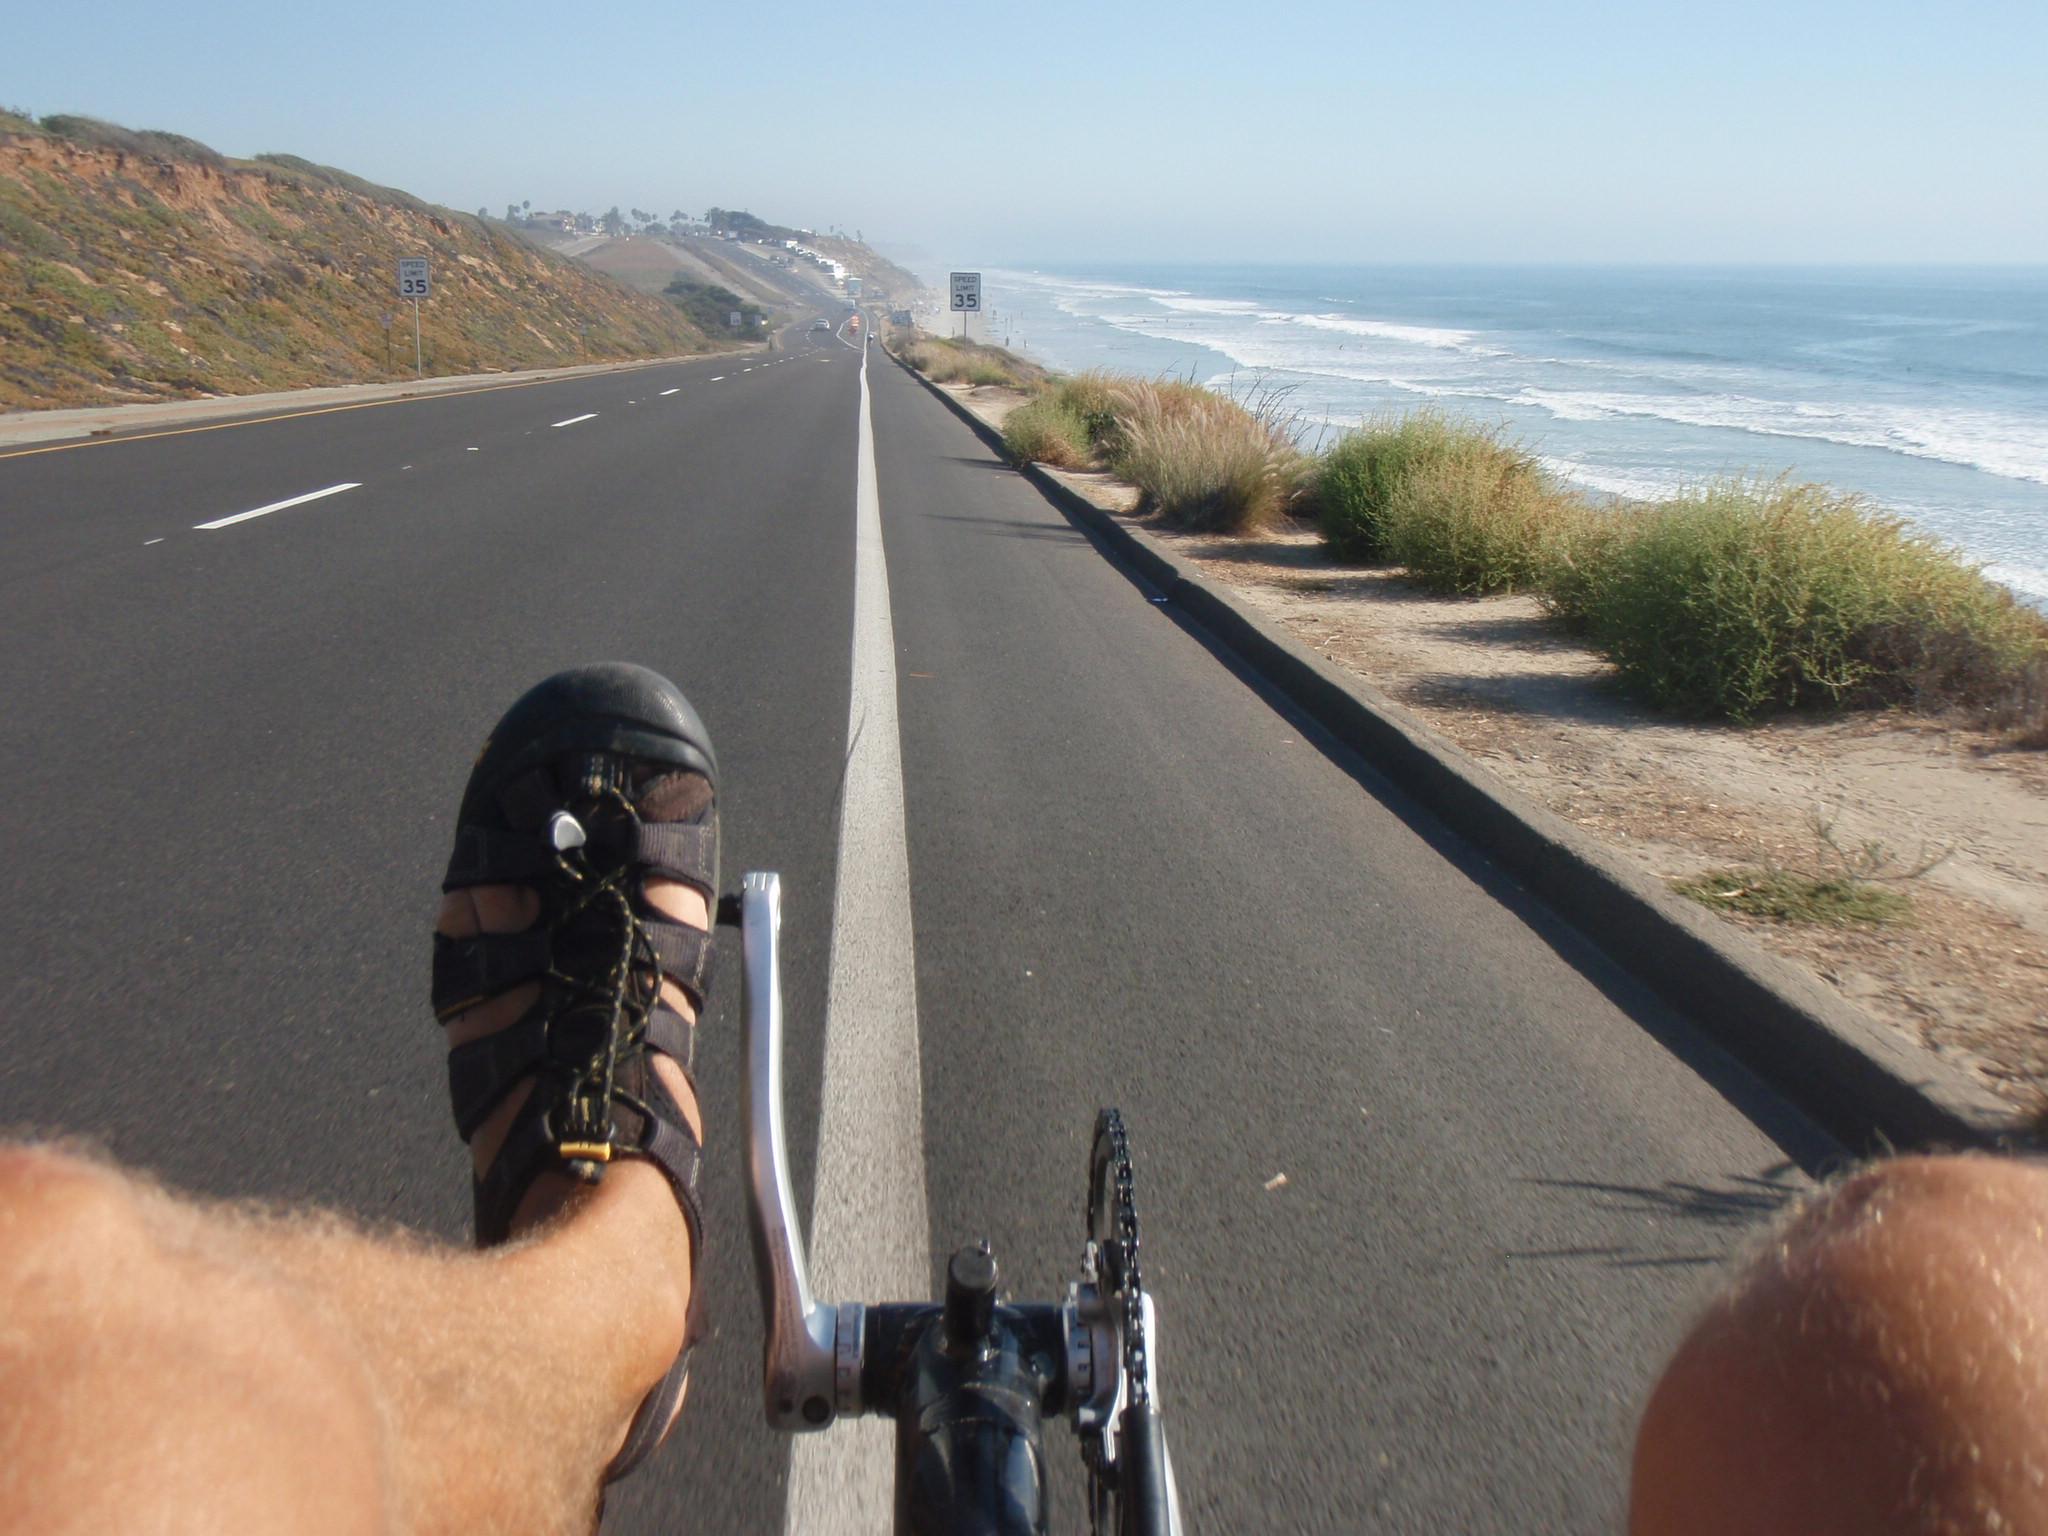 Riding South between Carlsbad and Encinitas